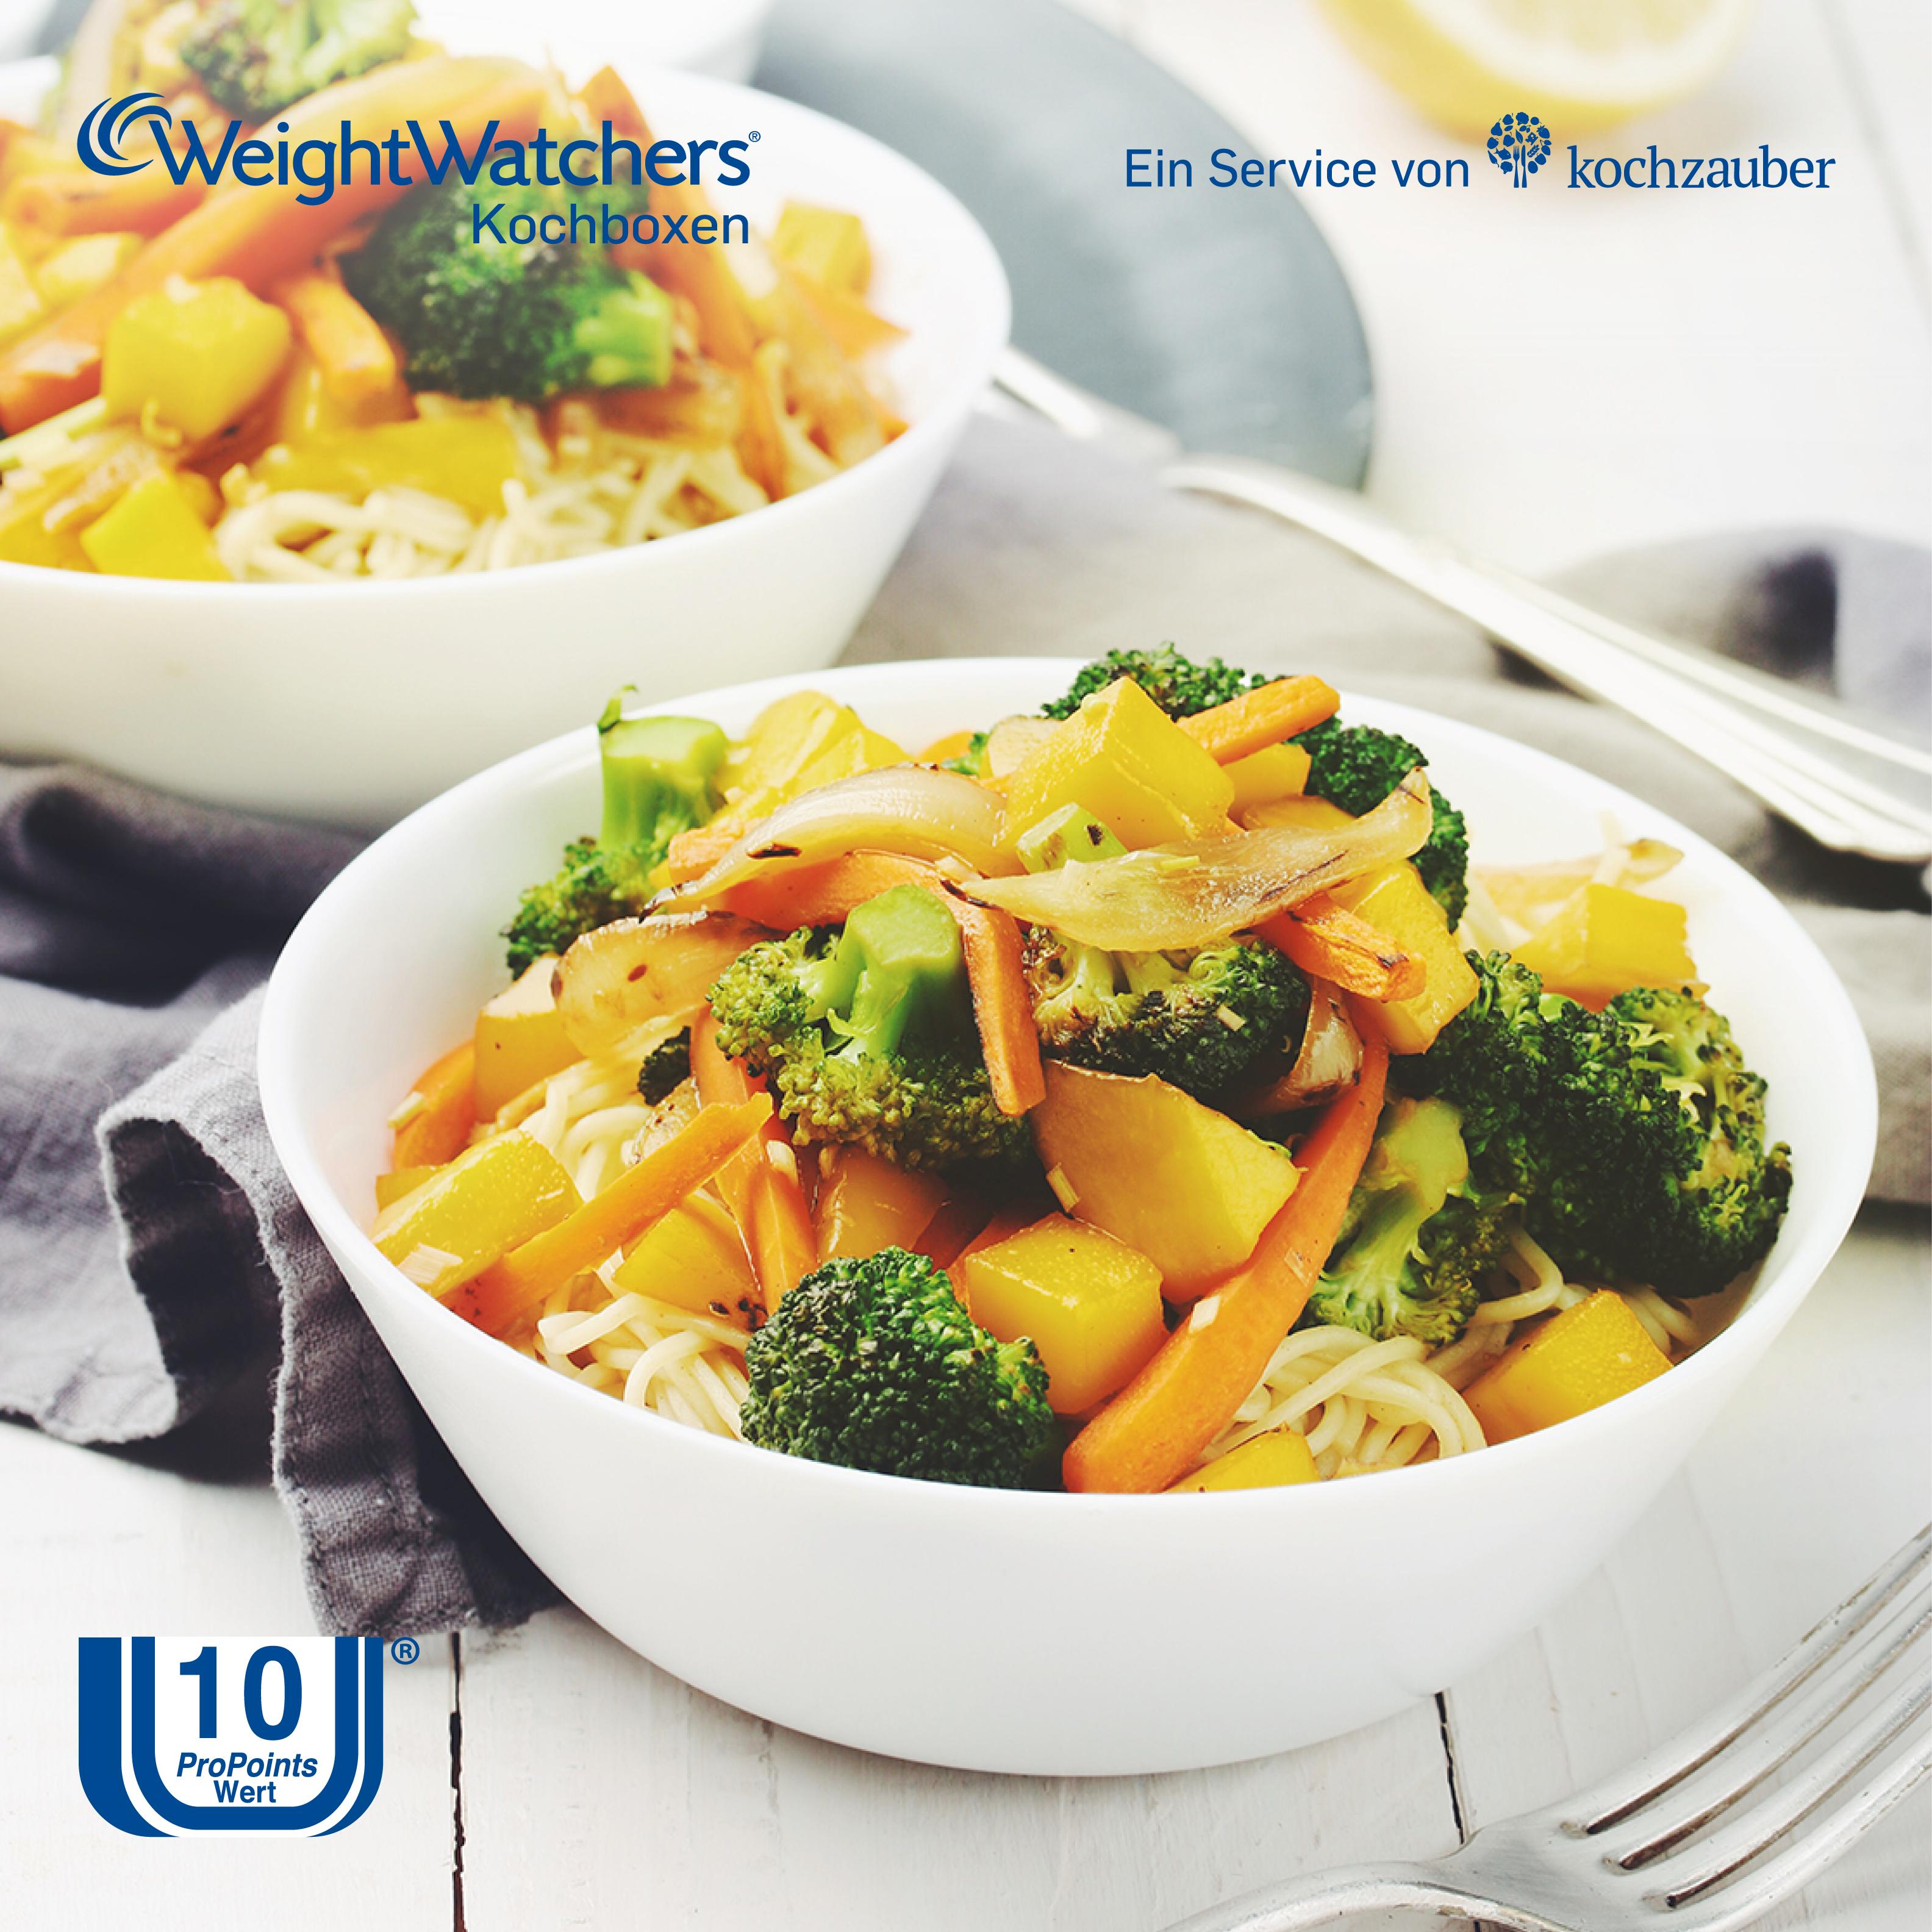 Vegetarische #Thaipfanne mit Mango und Zitronendip aus der #WeightWatchers Kochbox. Jetzt sichern unter: http://www.kochzauber.de/lp/weight_watchers?wmc=1675&utm_medium=social_media&utm_source=pinterest&utm_campaign=1675&utm_content=weightwatcherrezeptediewirlieben_organ